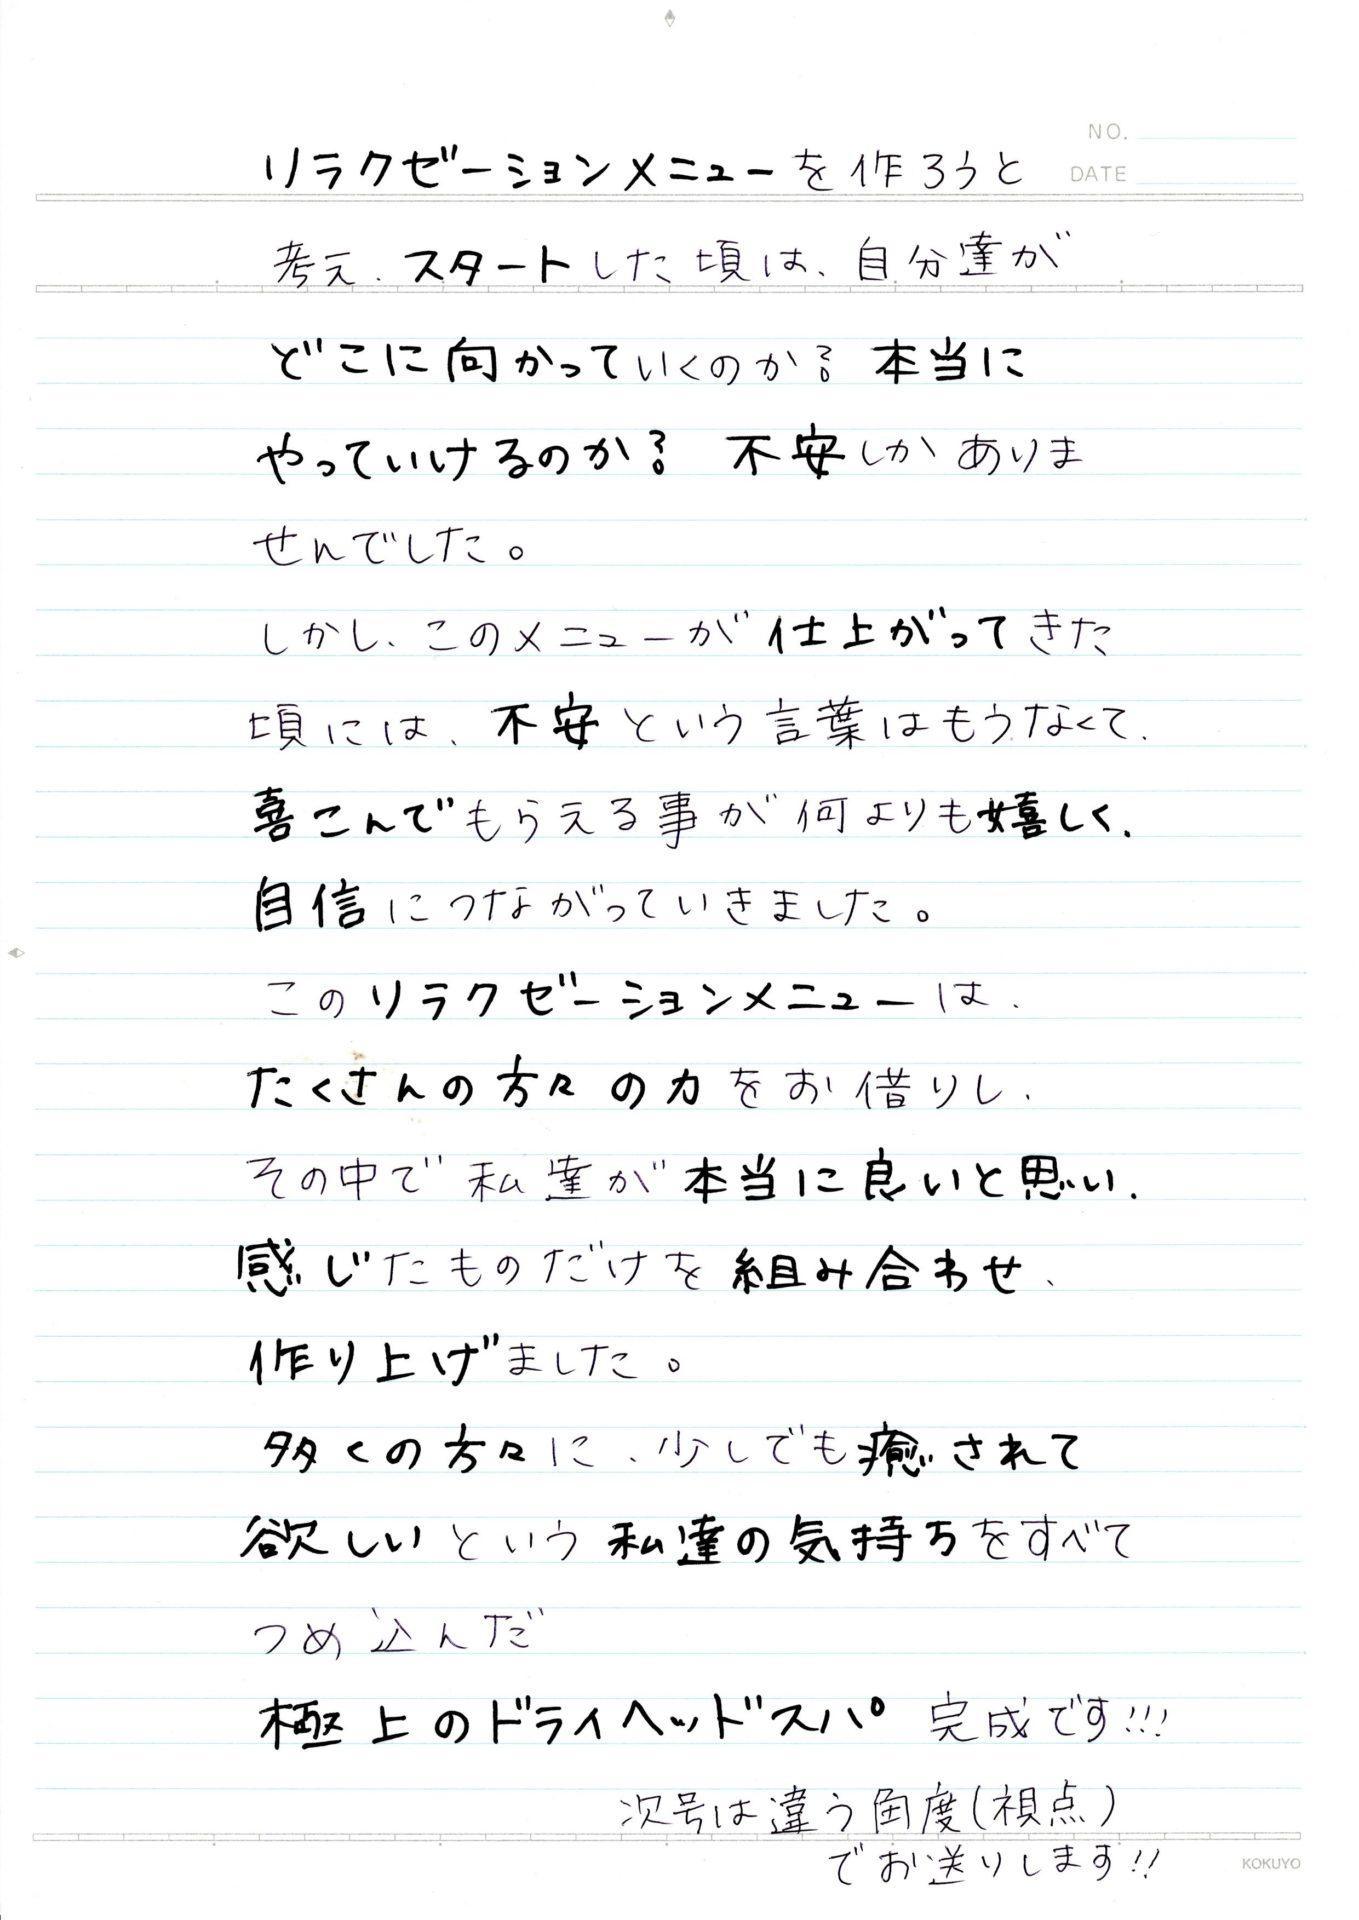 Lovy新聞 ドライヘッドスパ誕生秘話6